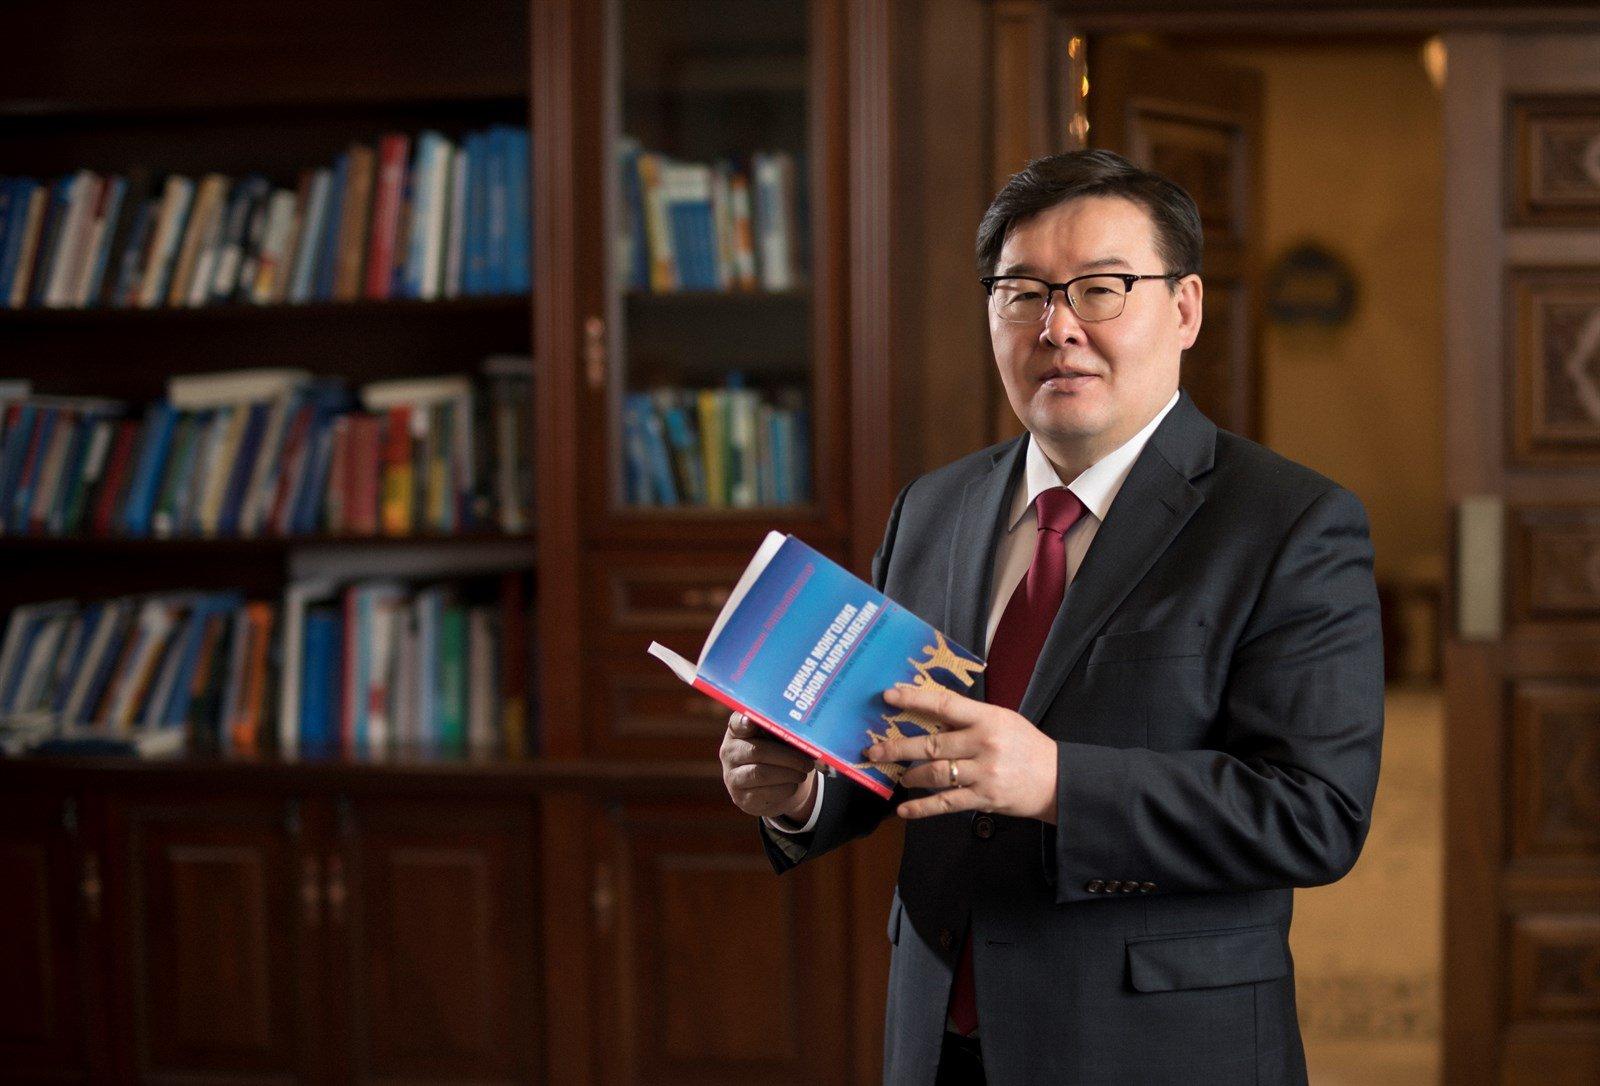 Улсын Их Хурлын дарга Г.Занданшатар Монголын багш нарт мэндчилгээ дэвшүүллээ